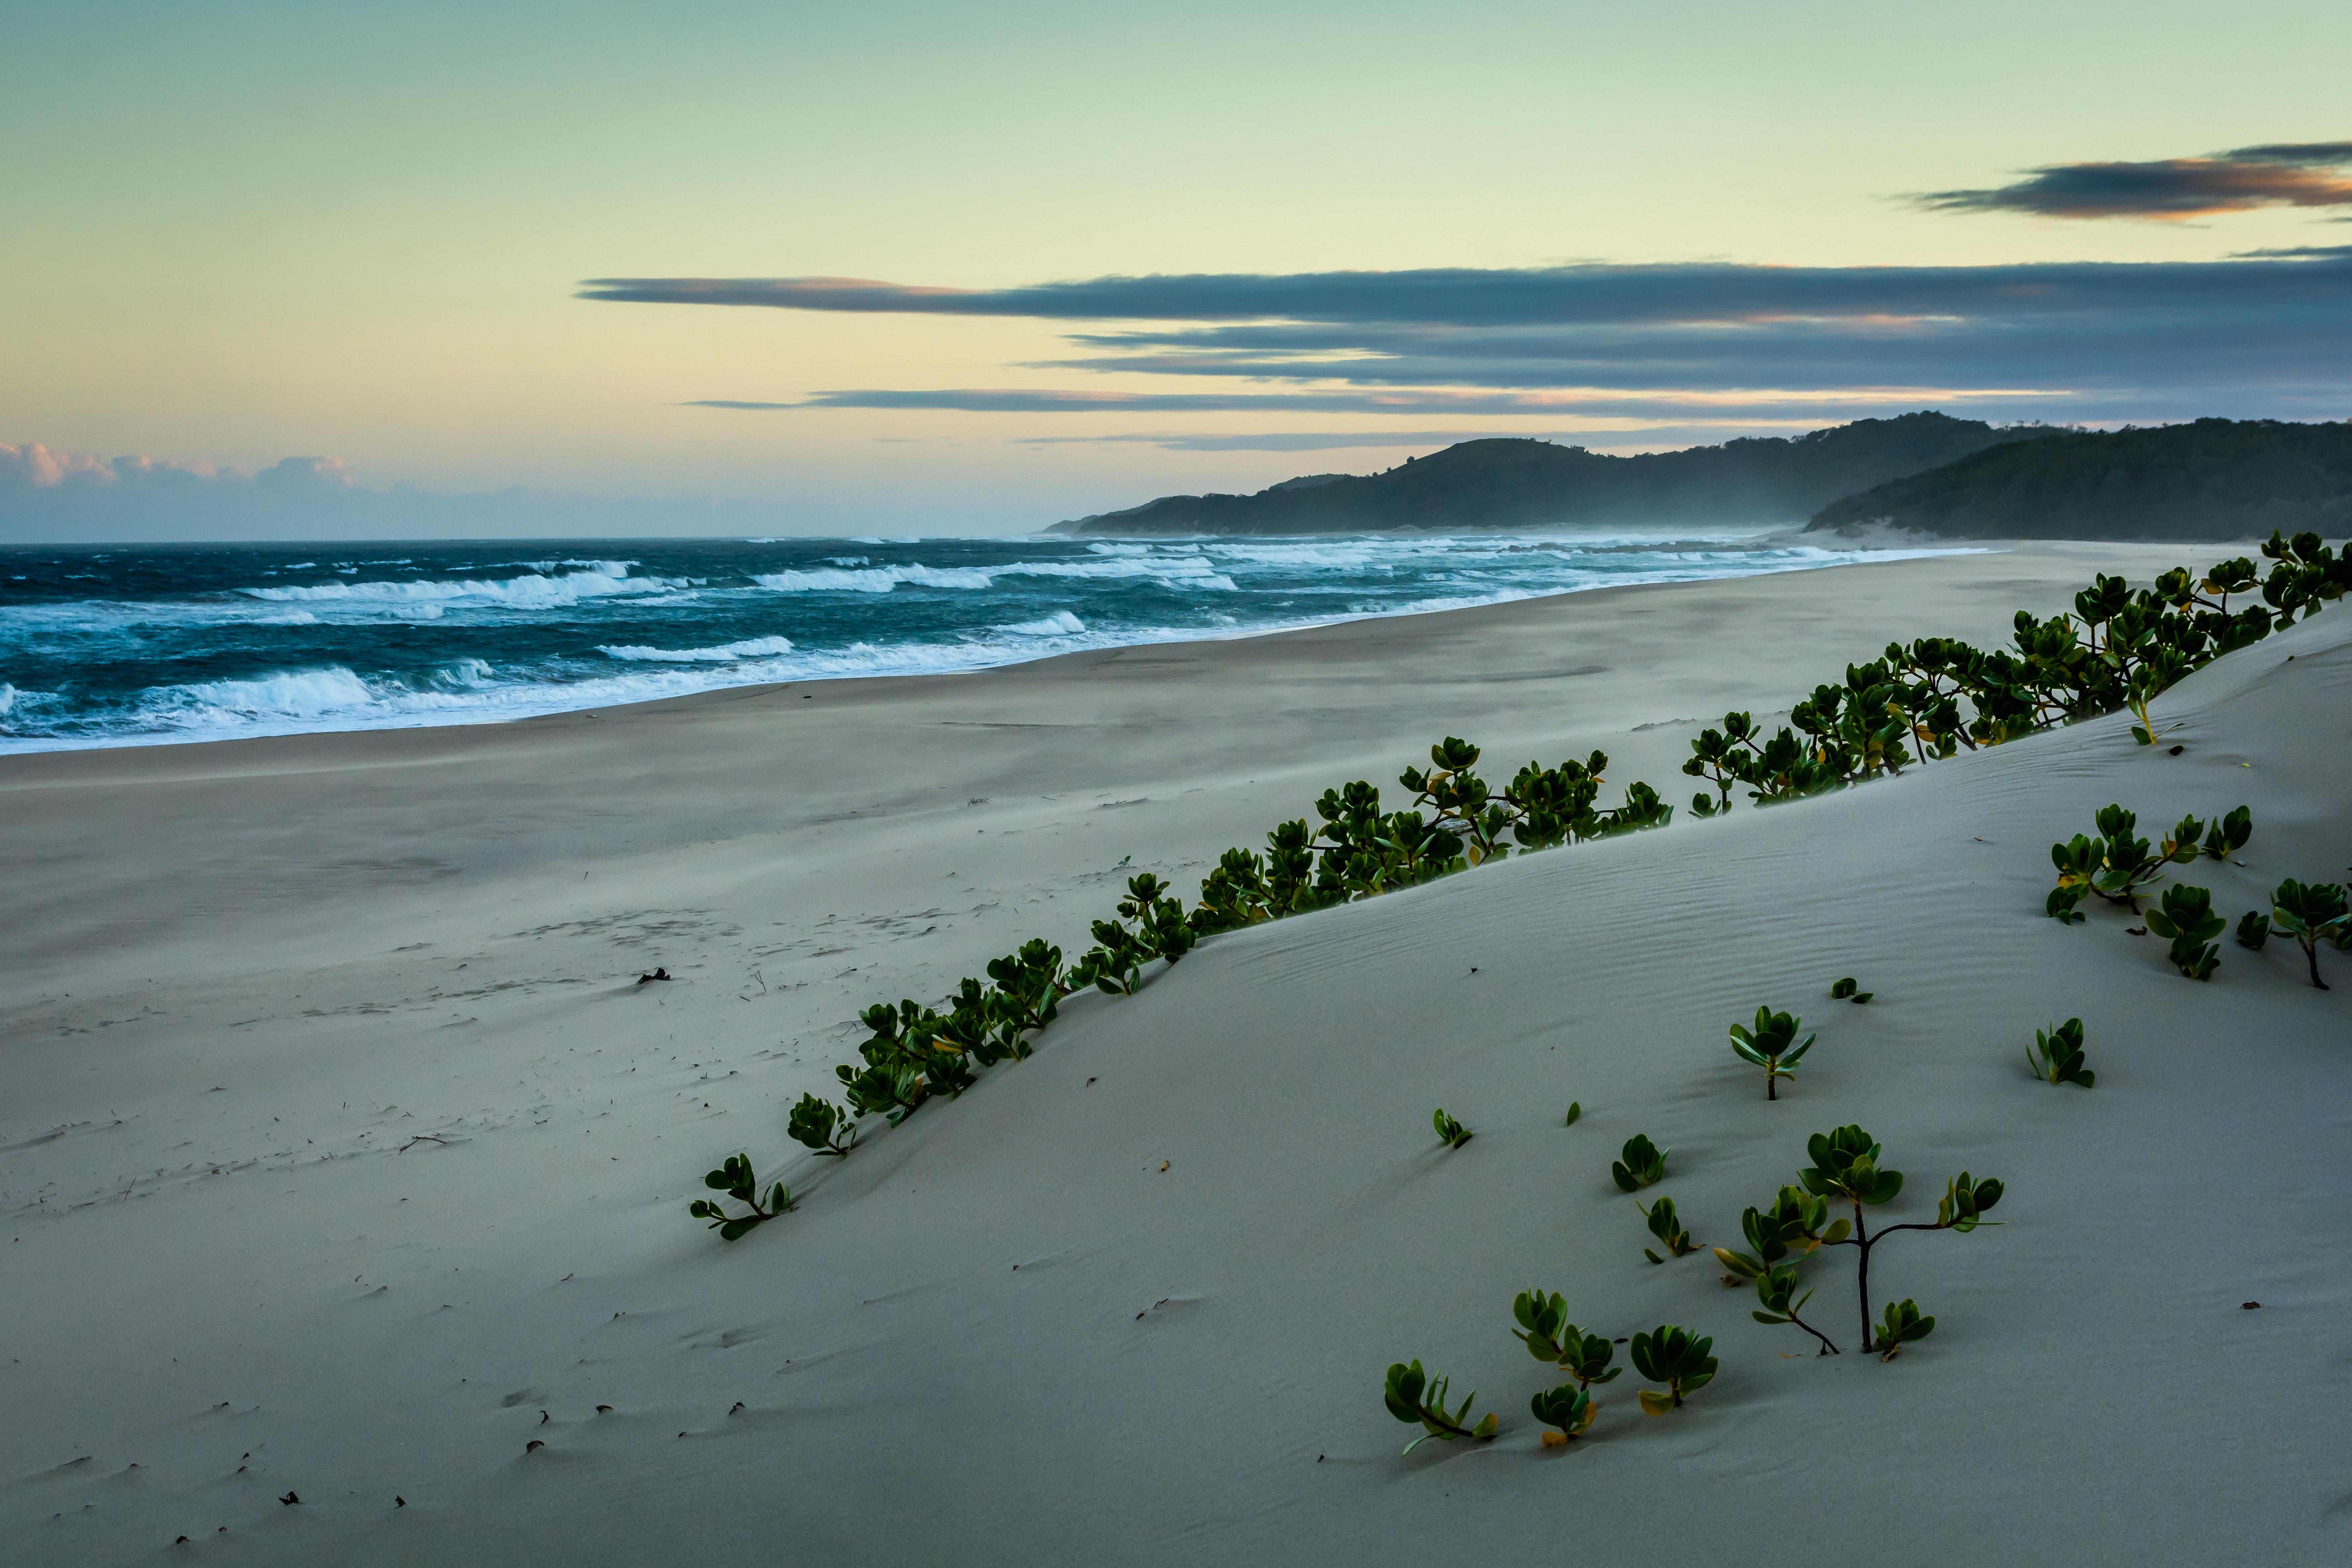 KZN Beach shutterstock_1178570245 copy